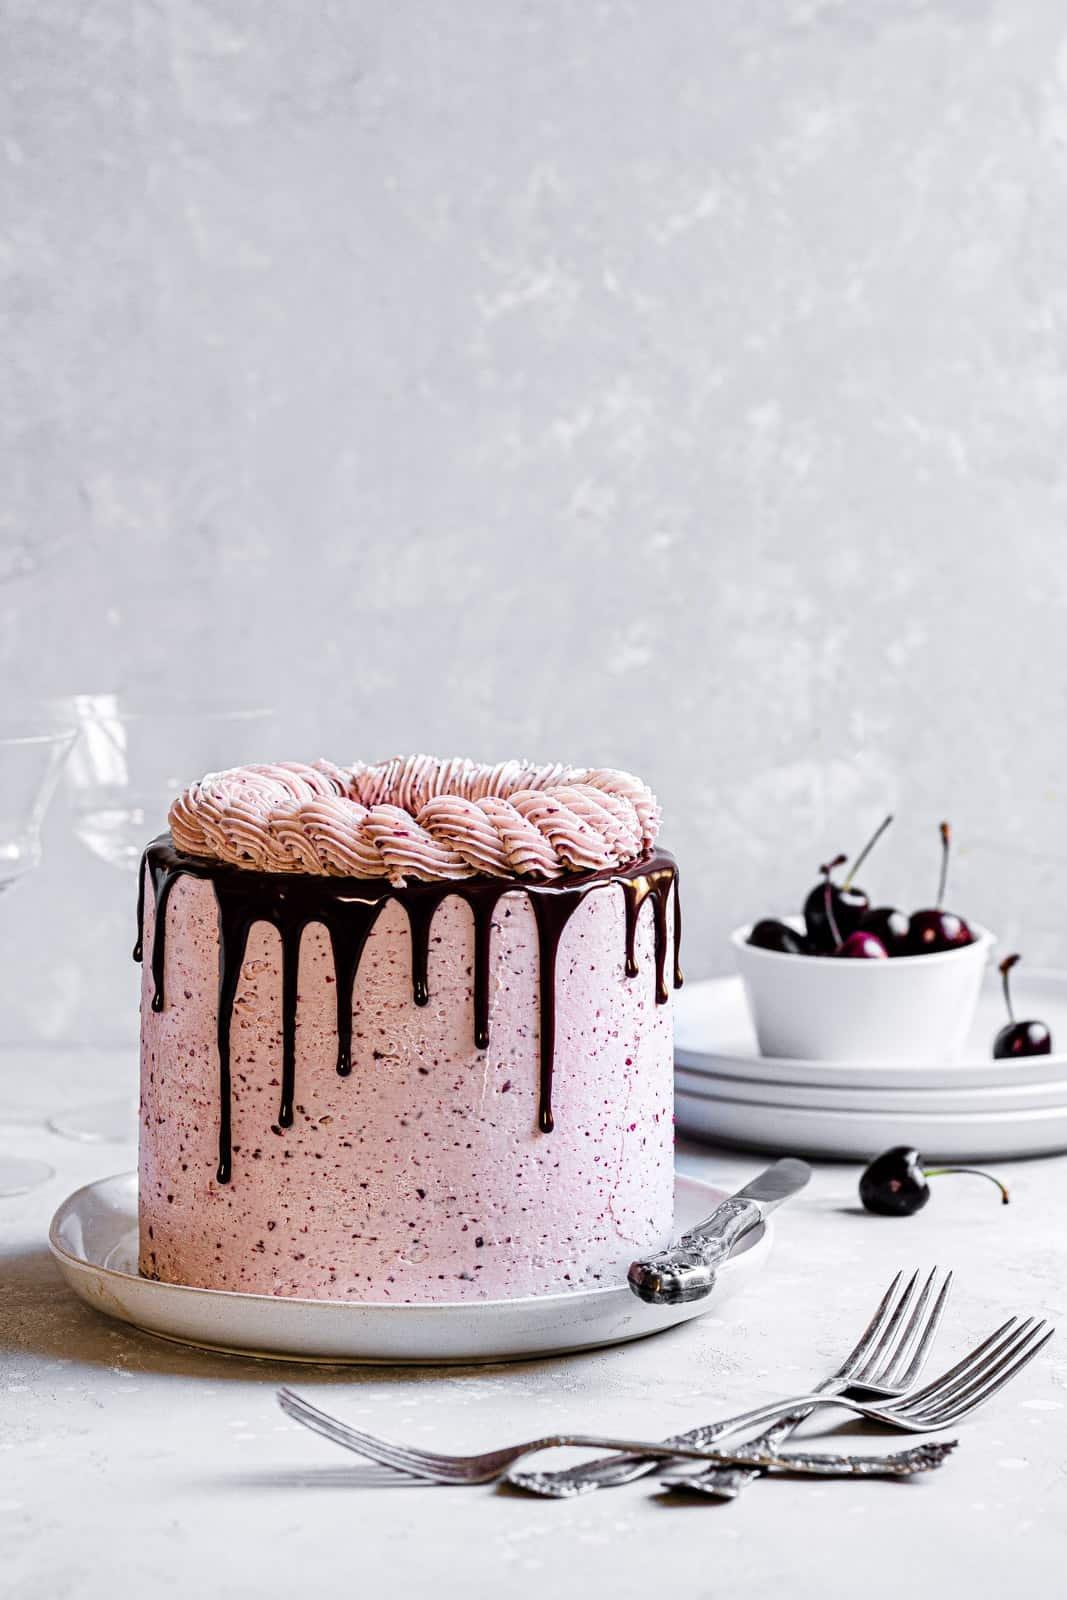 Chocolate cherry layer cake recipe